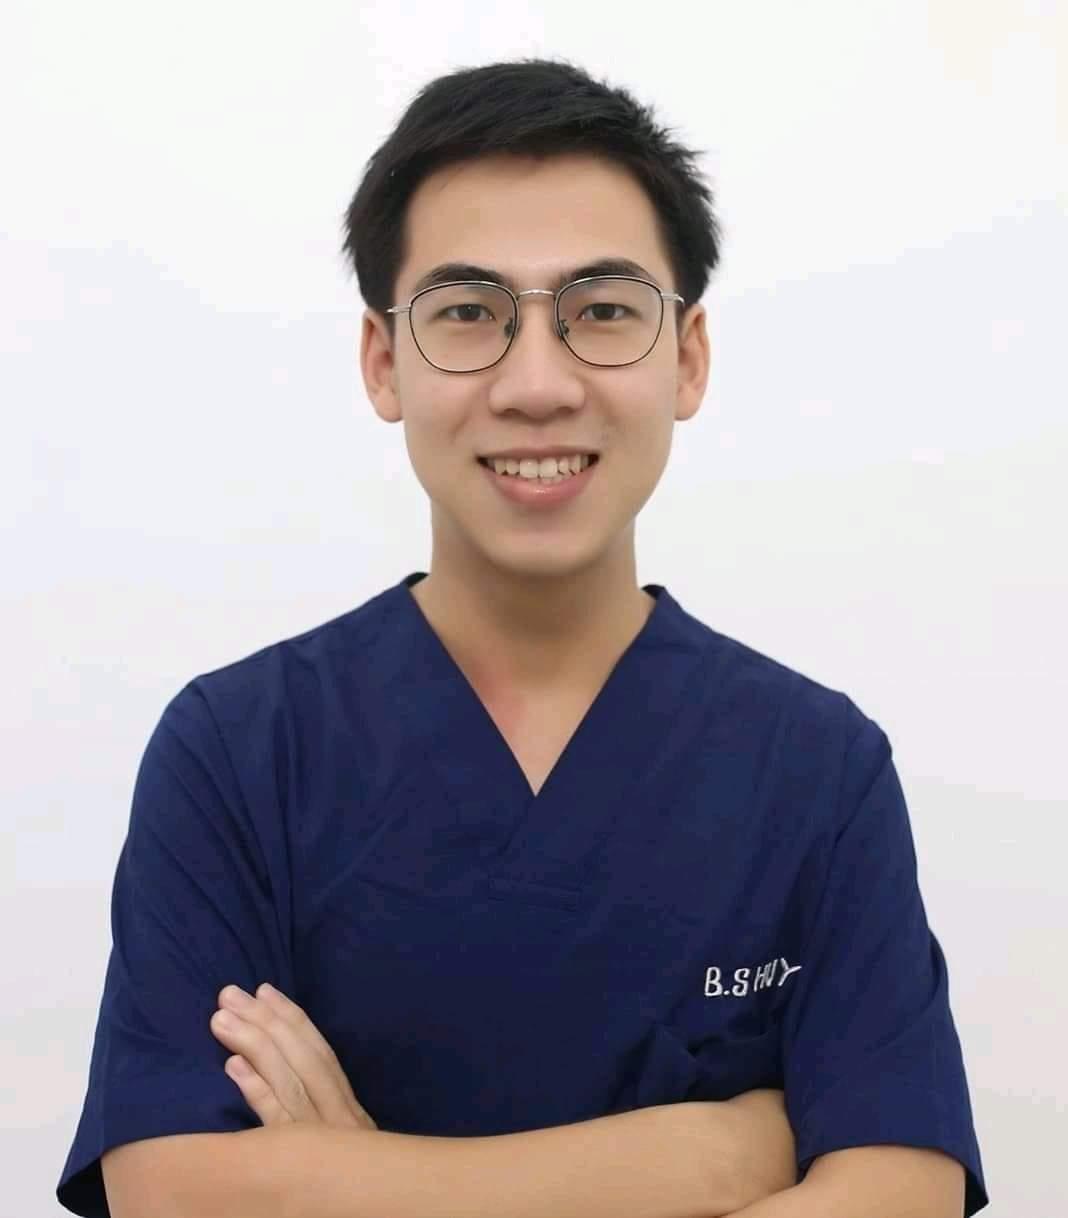 Bs Trương Hoàng Huy